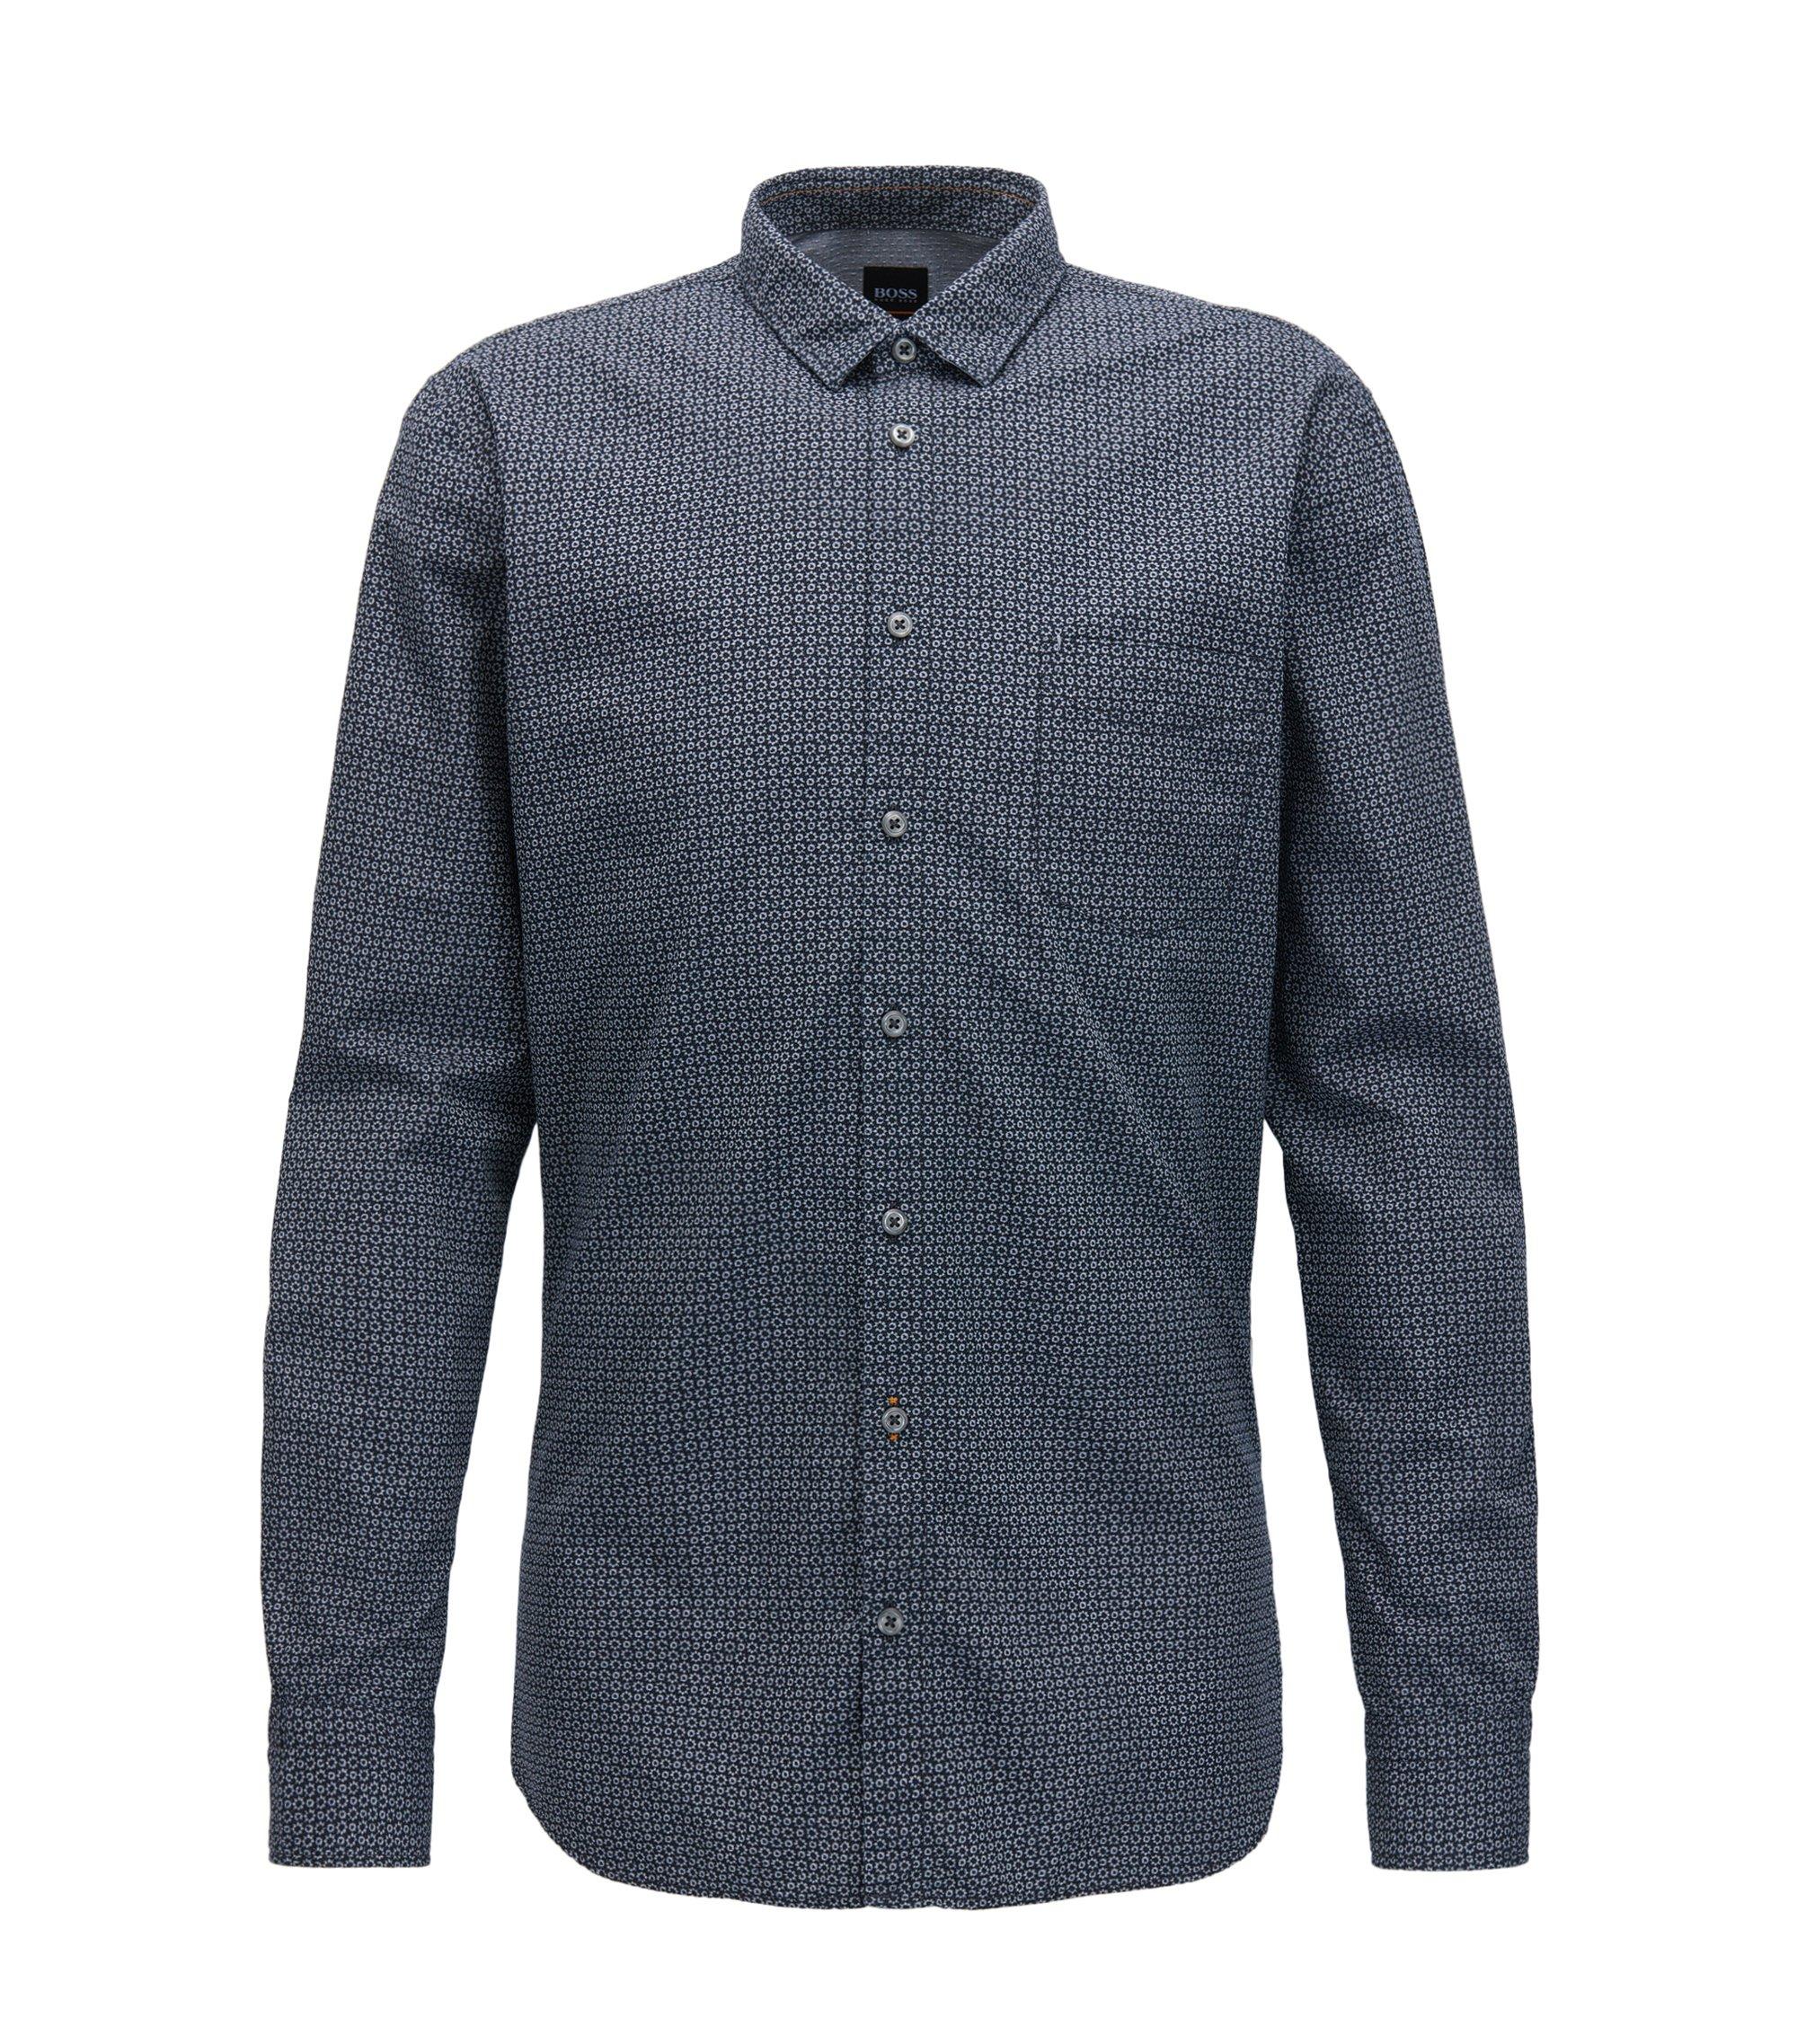 Chemise Slim Fit en toile de coton imprimée, Bleu foncé